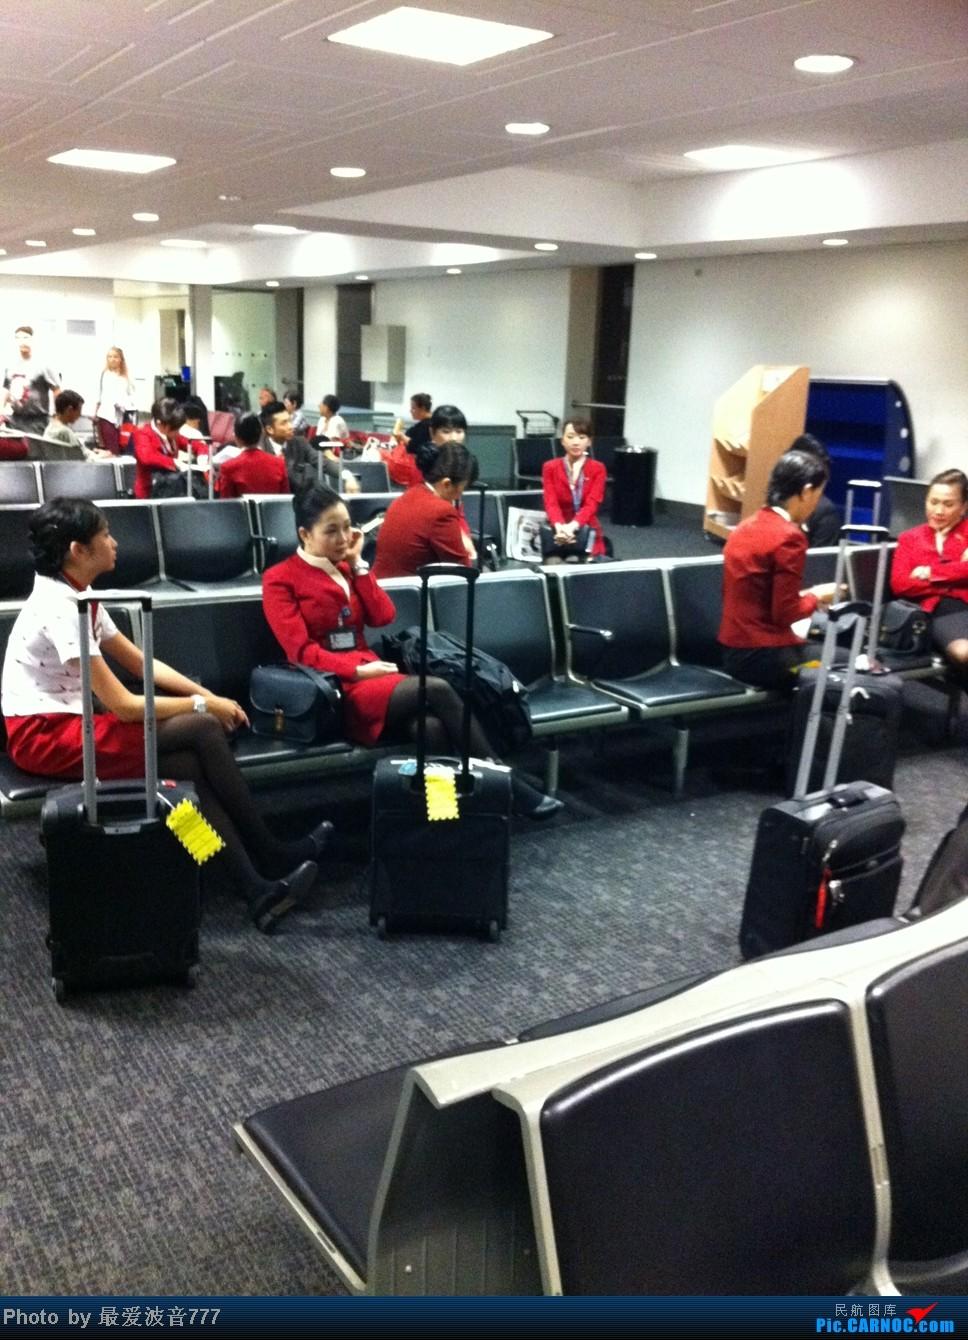 Re:[原创]假期的回国往返之旅 LHR-HKG-CTU-HKG-LHR, CX+CA+KA联合运营   英国伦敦希思罗机场 英国伦敦希思罗机场